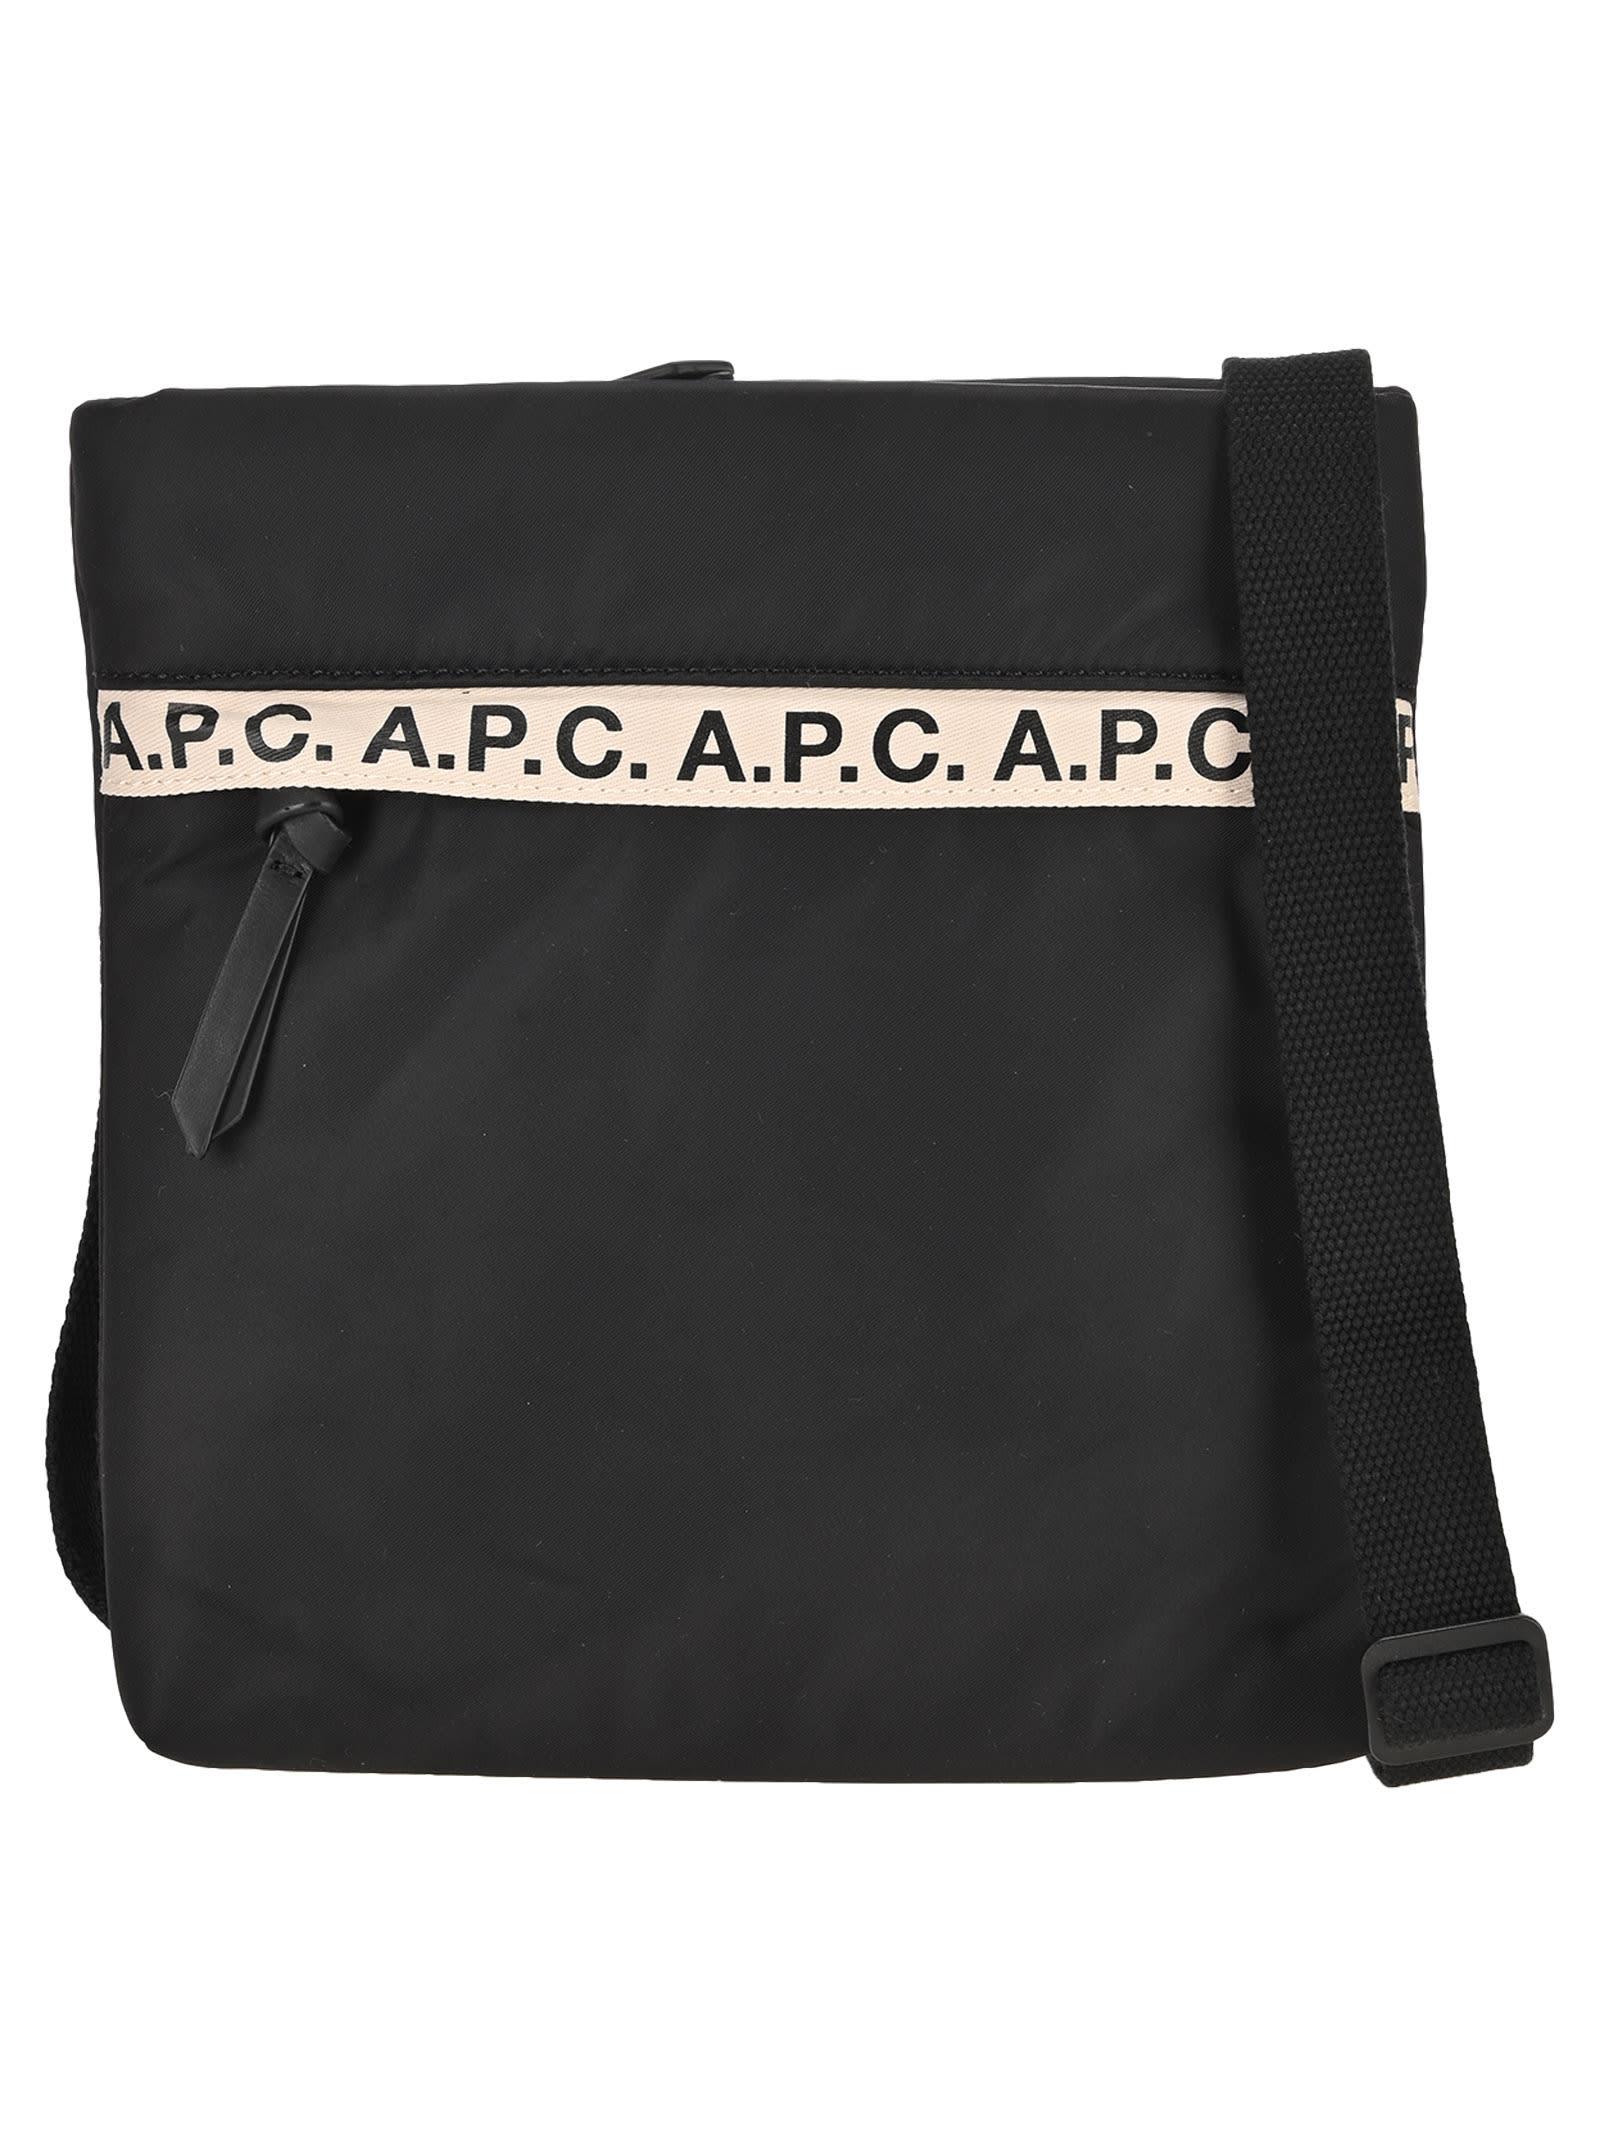 A.p.c. Repeat Messenger Bag